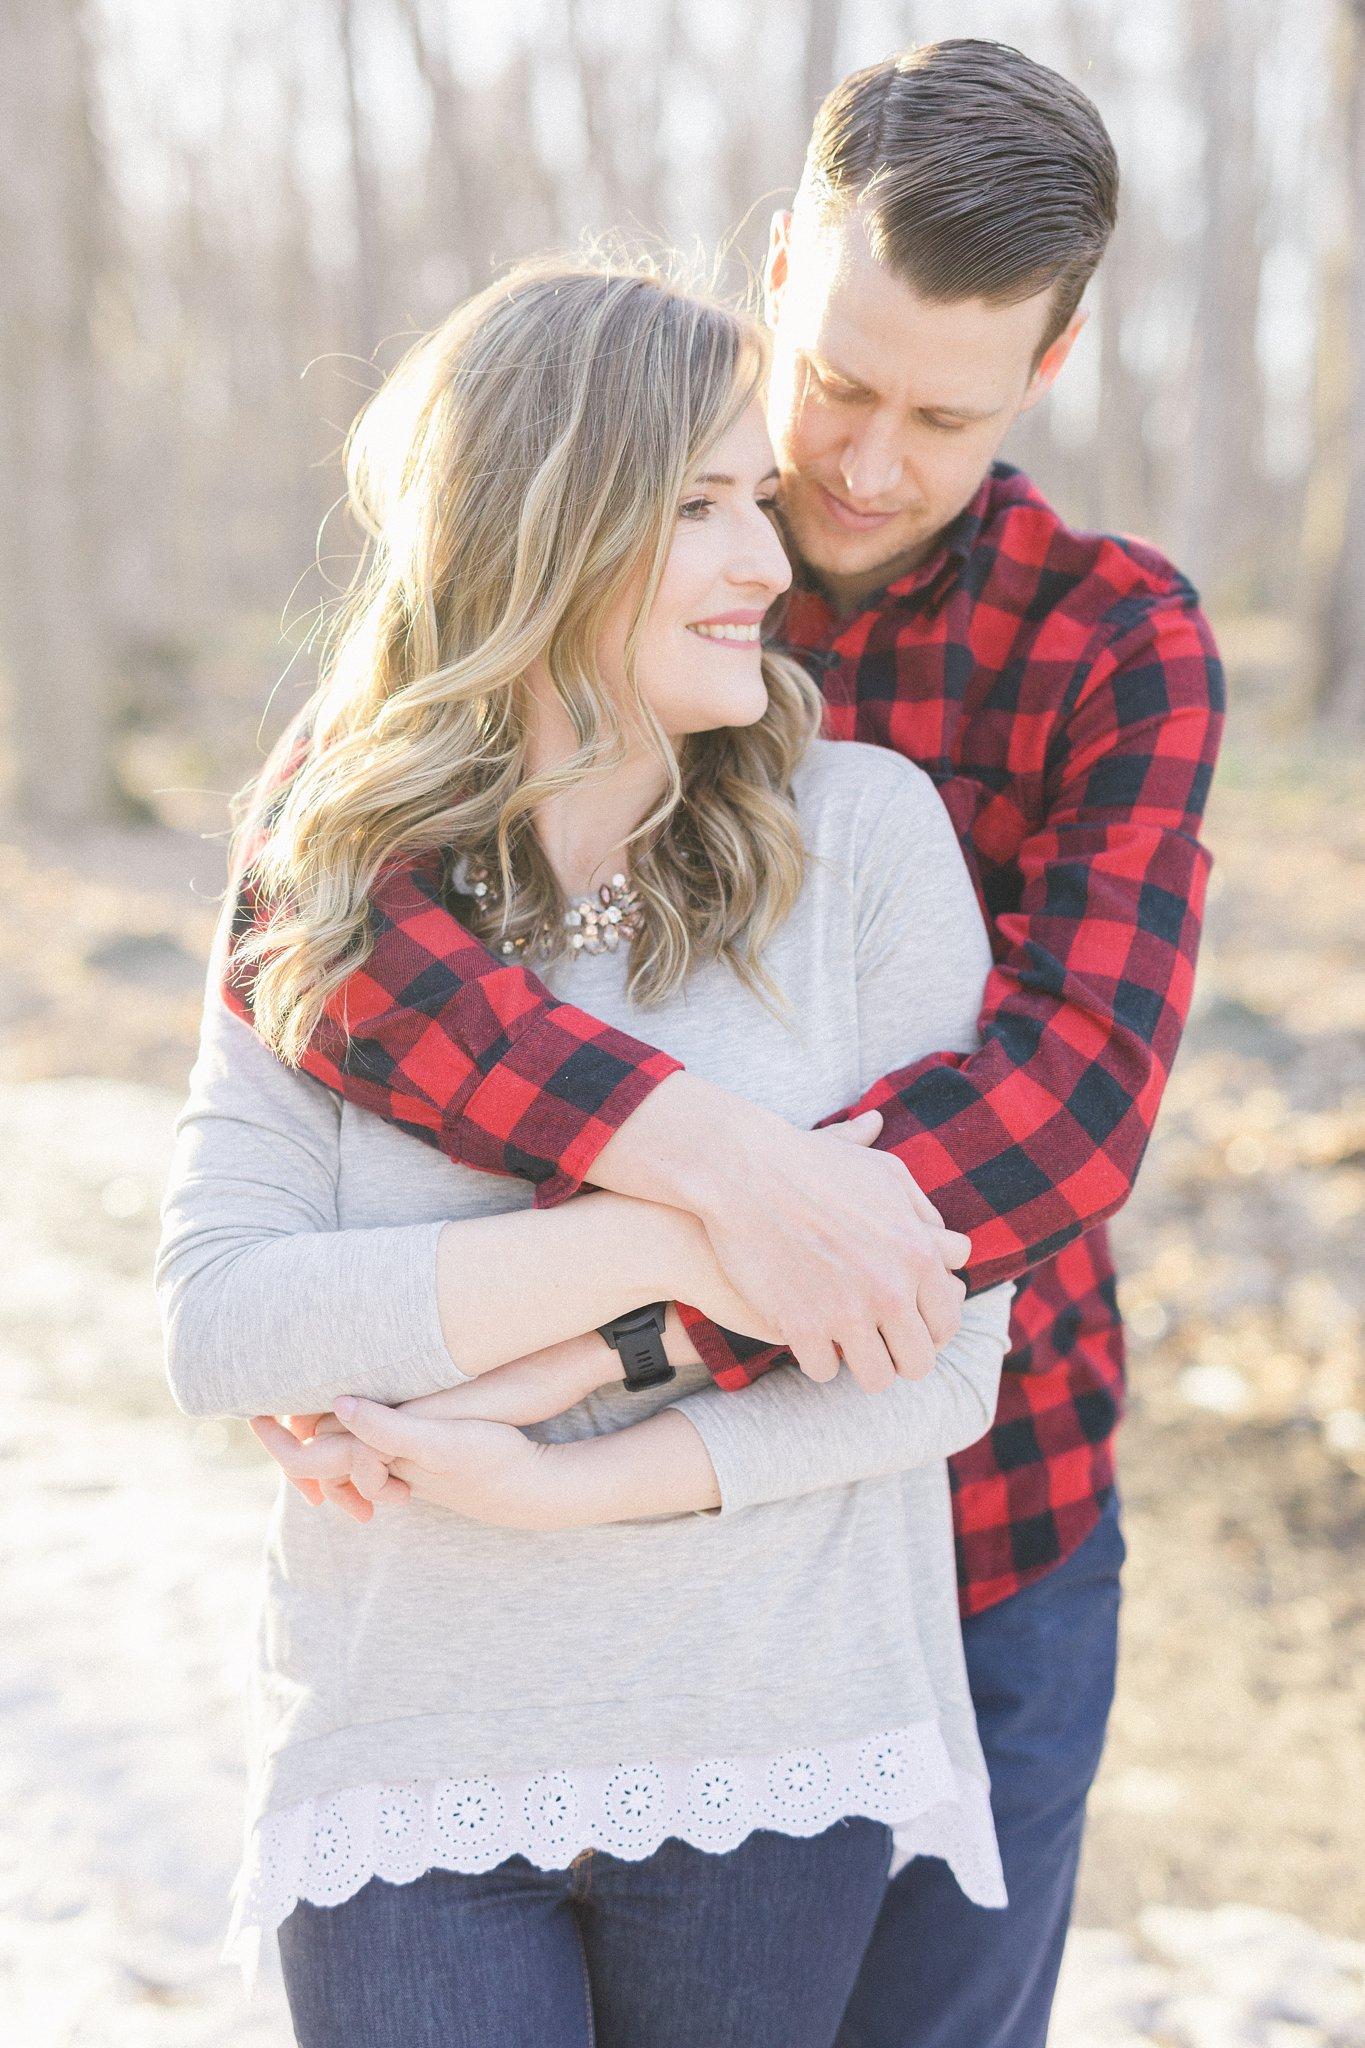 Amy Pinder Bride Gatineau Park engagement photos